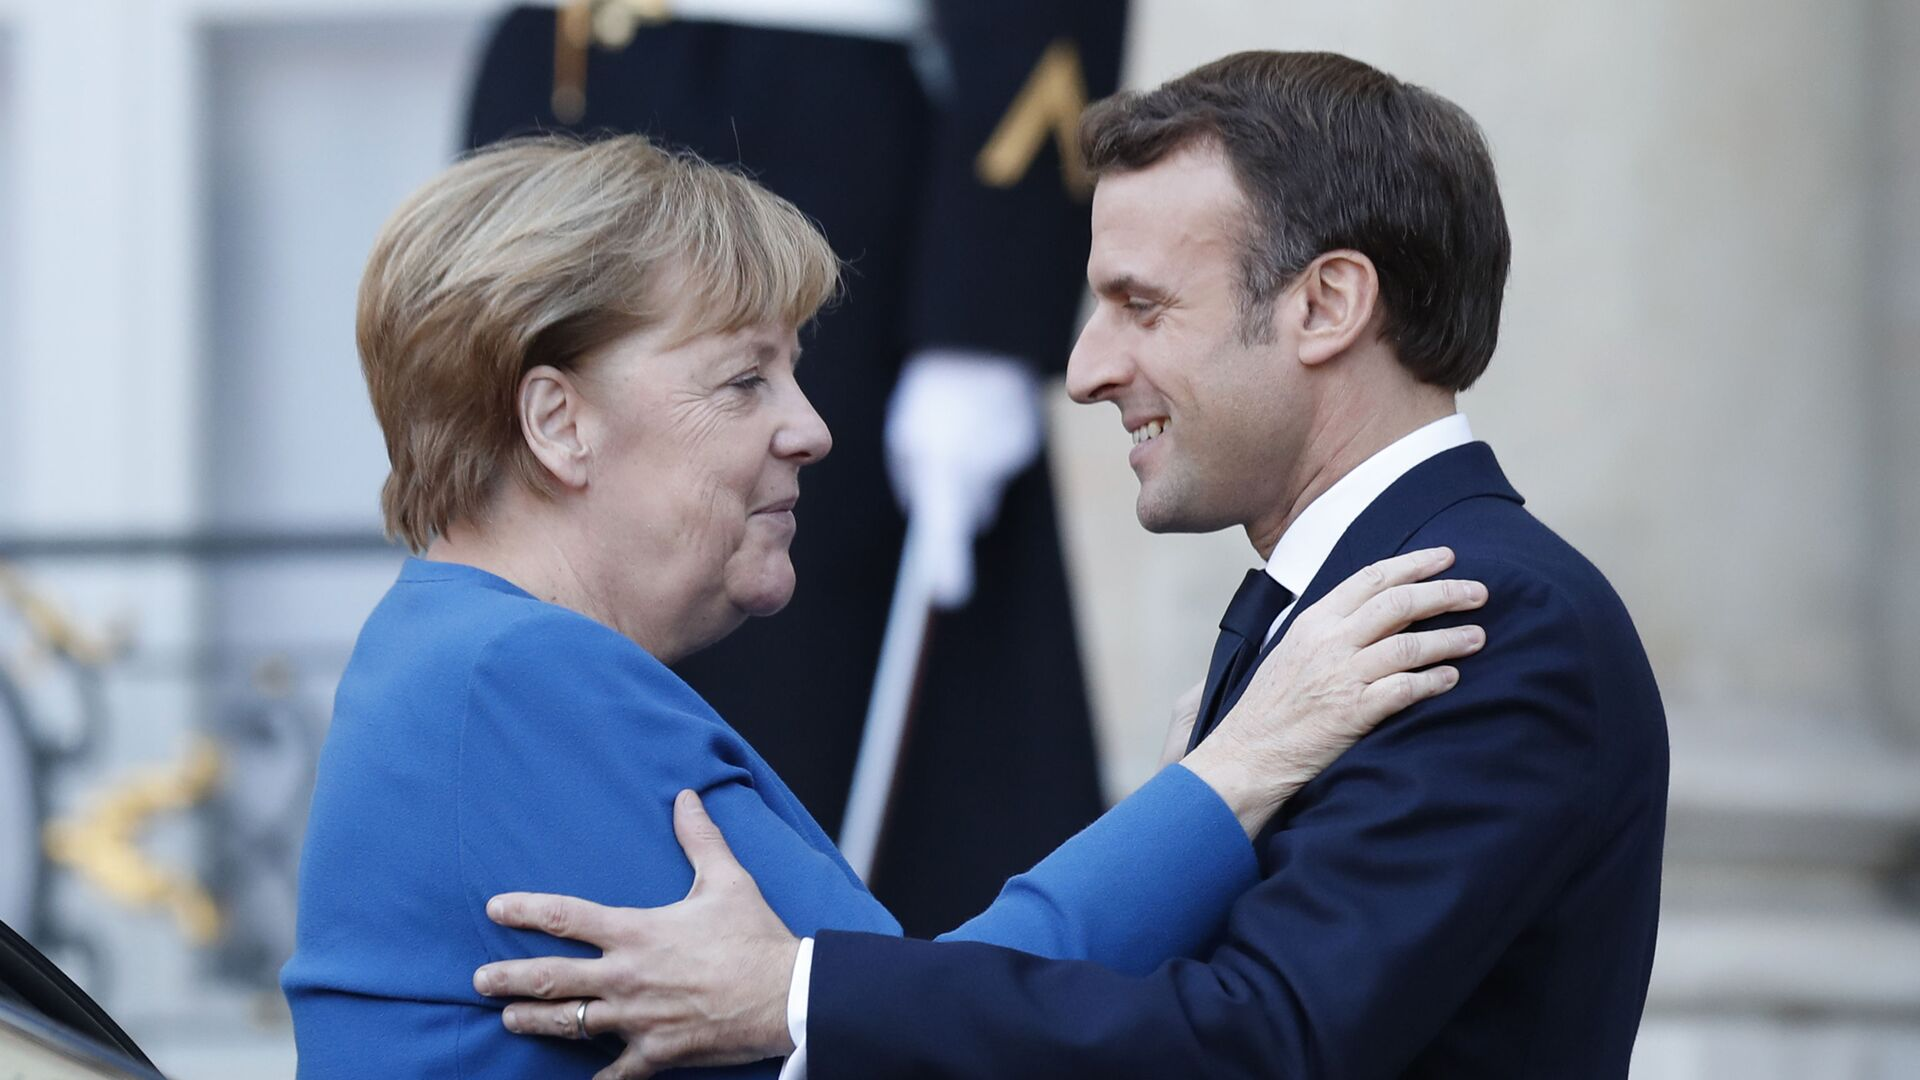 Německá kancléřka Angela Merkelová a francouzský prezident Emmanuel Macron v Paříži - Sputnik Česká republika, 1920, 23.06.2021